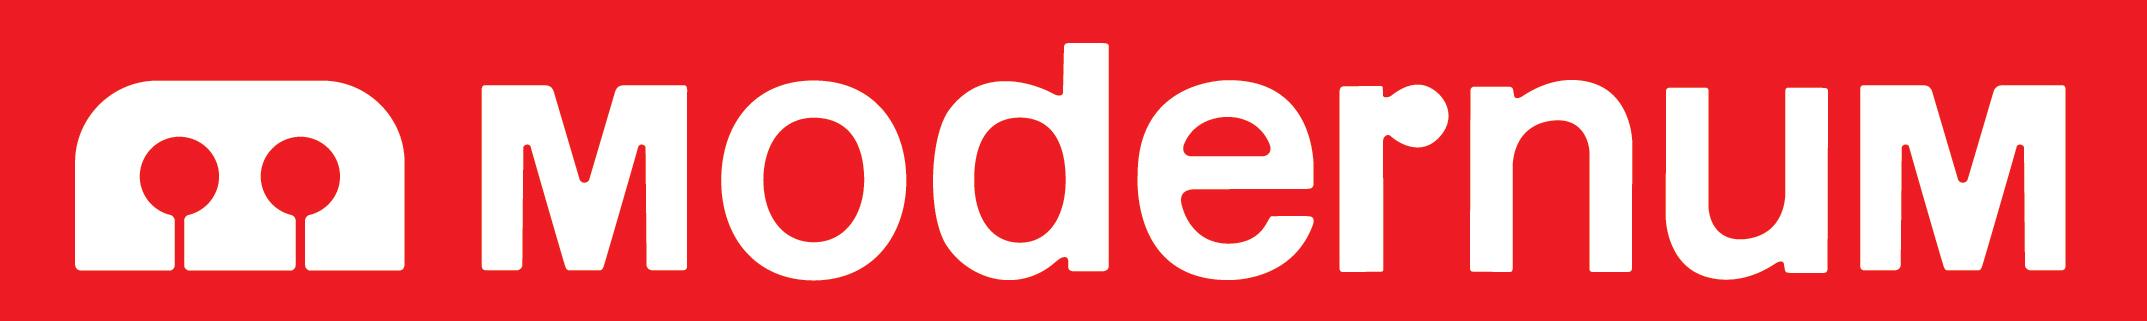 Modernum